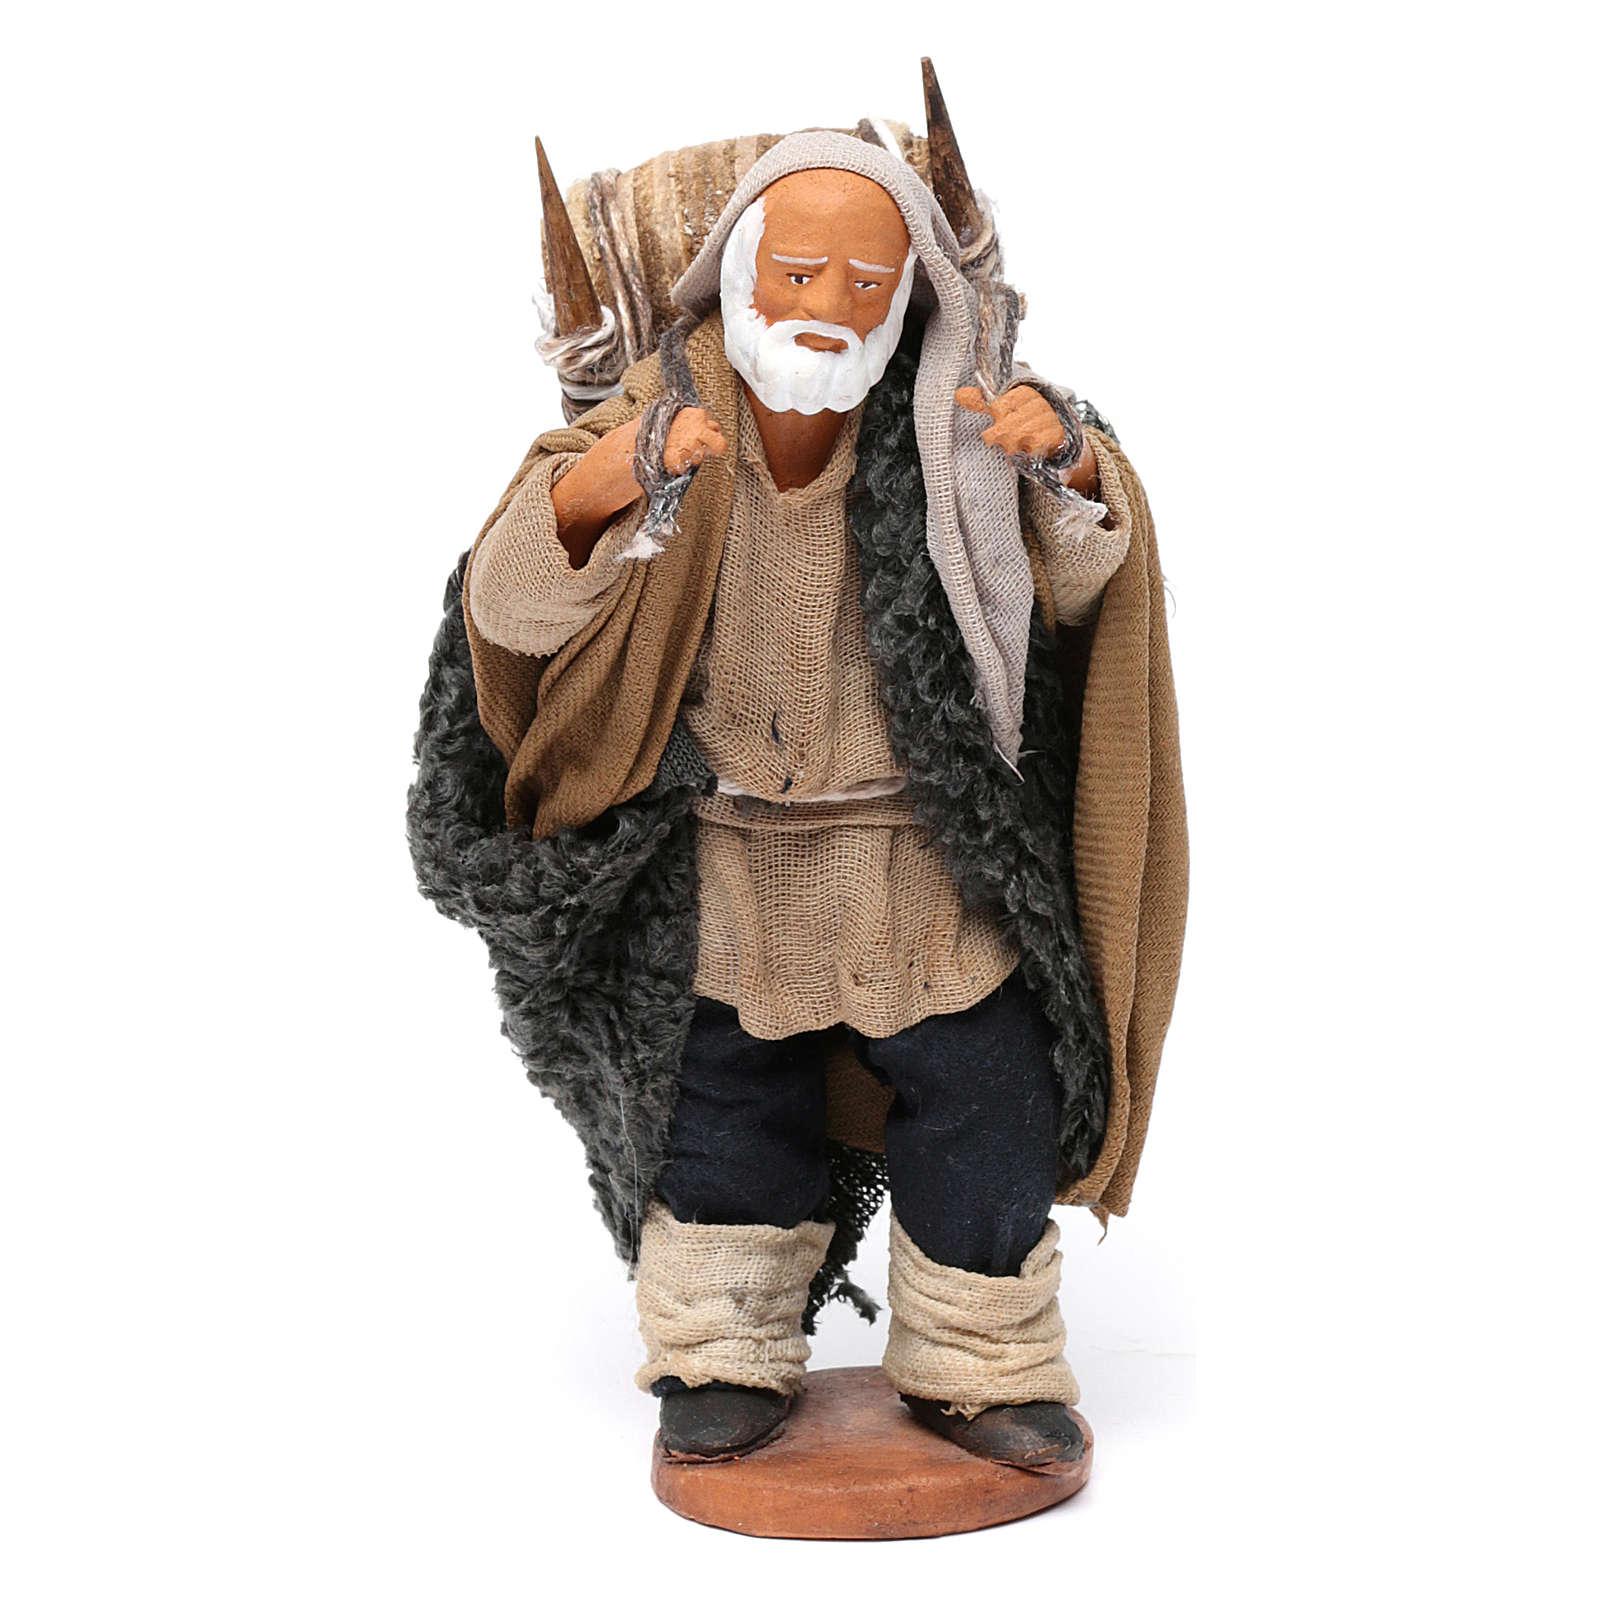 Hombre que lleva barriles madera belén de Nápoles 12 cm de altura media 4